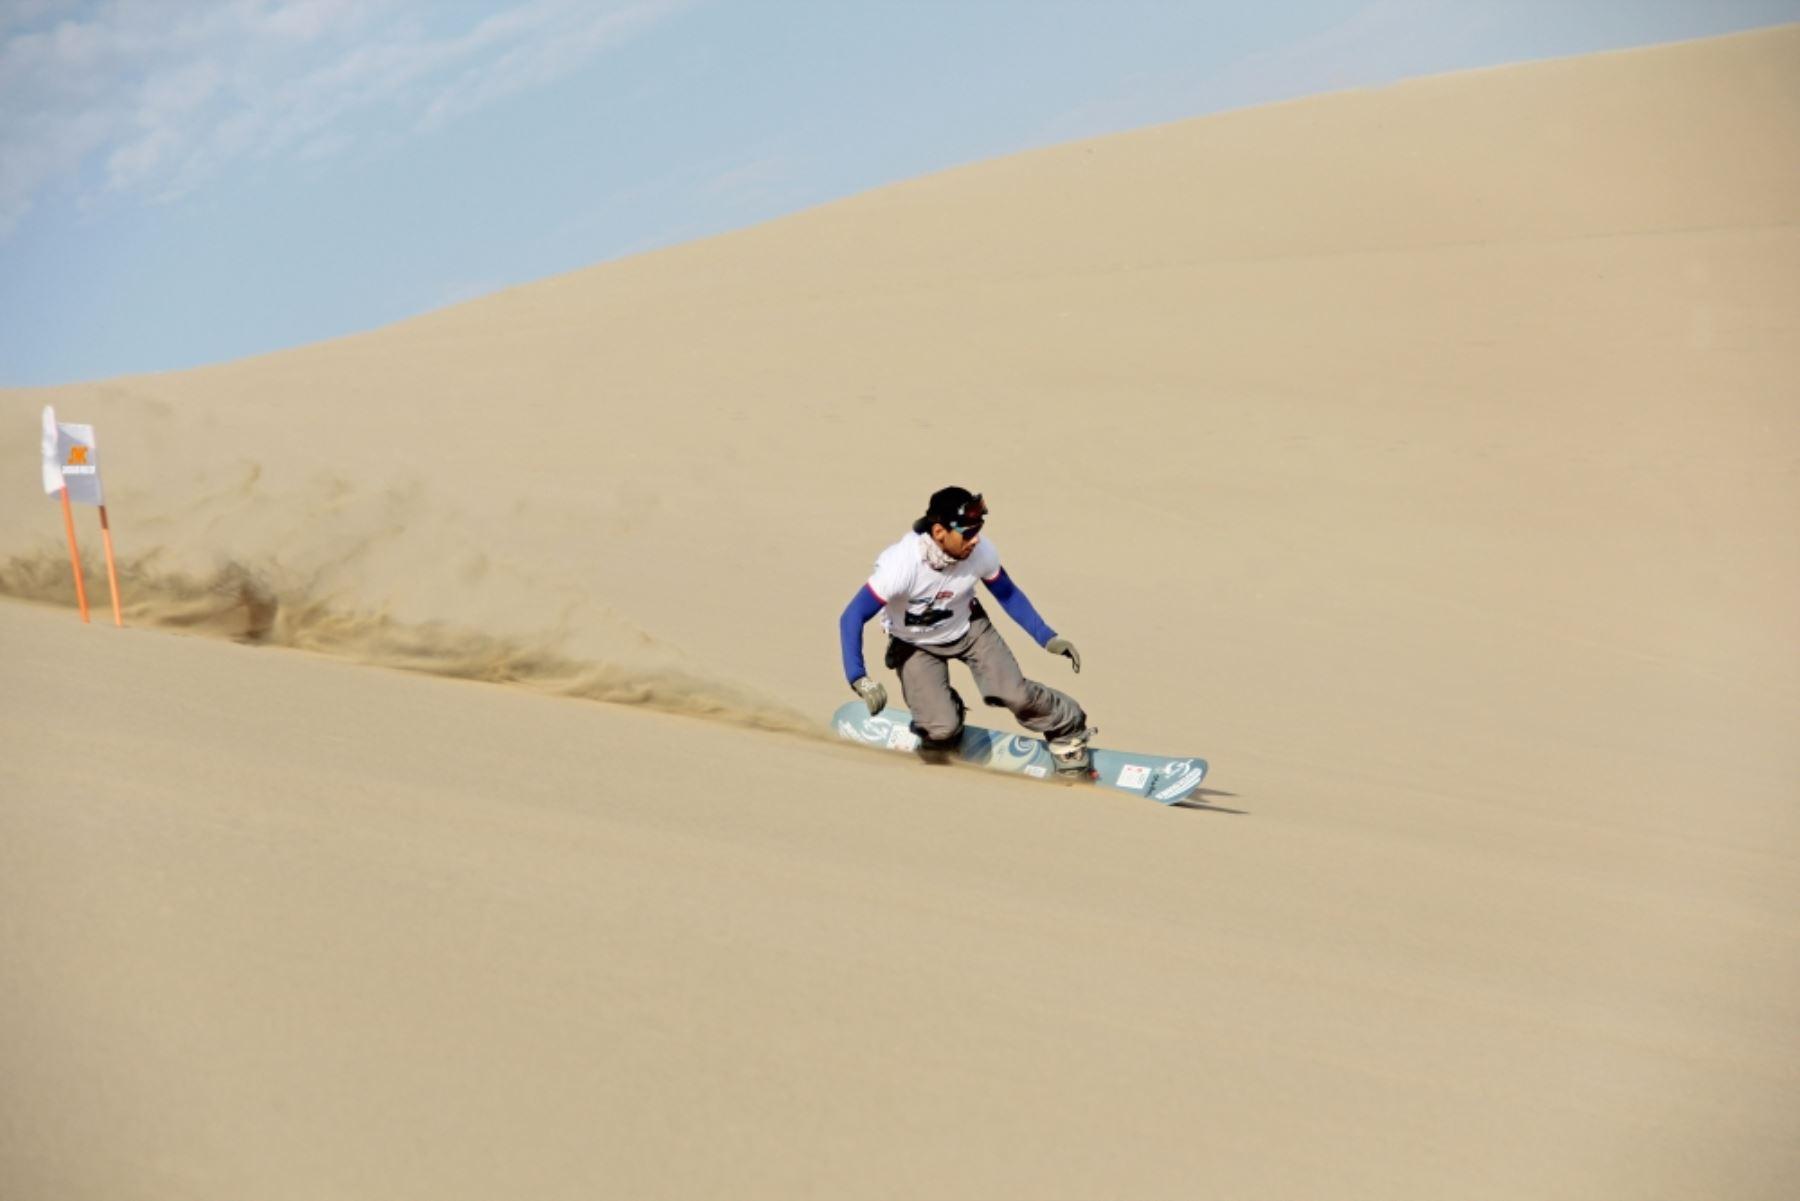 La Huacachina alberga a los mejores exponentes del  Sandboard,